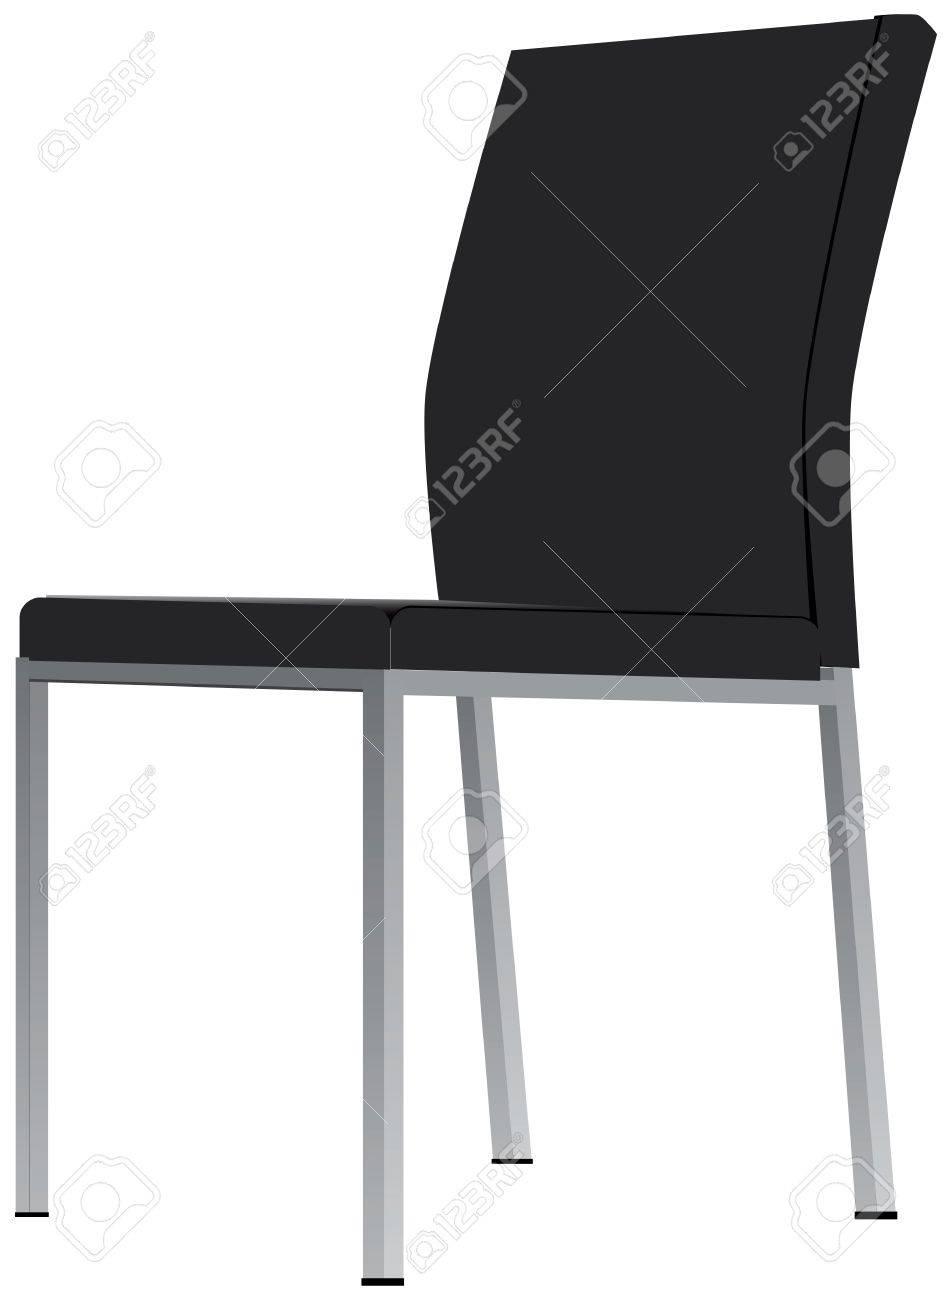 Silla de oficina tapizado en tela color gris oscuro y patas de metal.  Ilustración del vector.